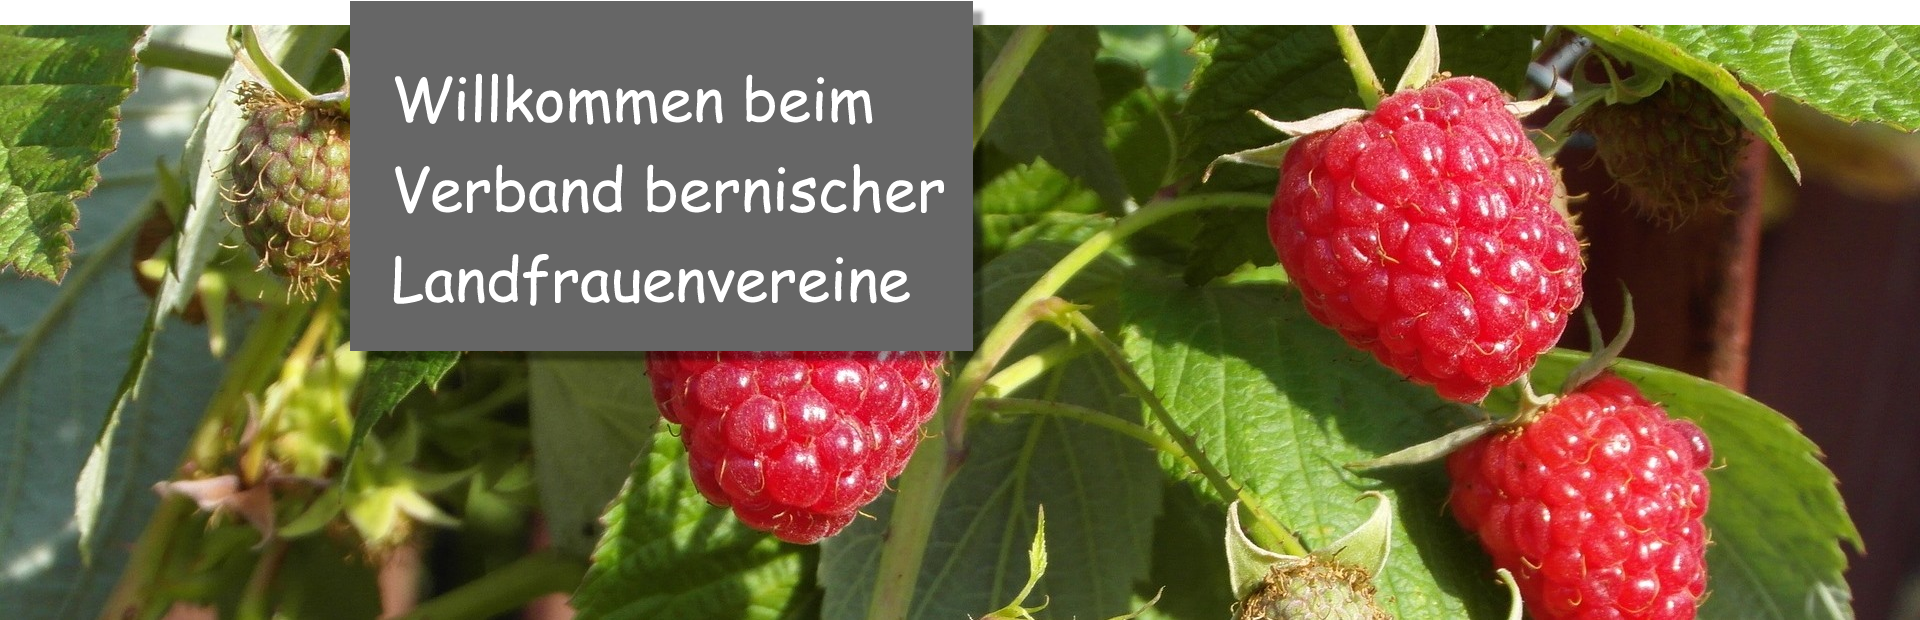 Himbeeren_willkommen